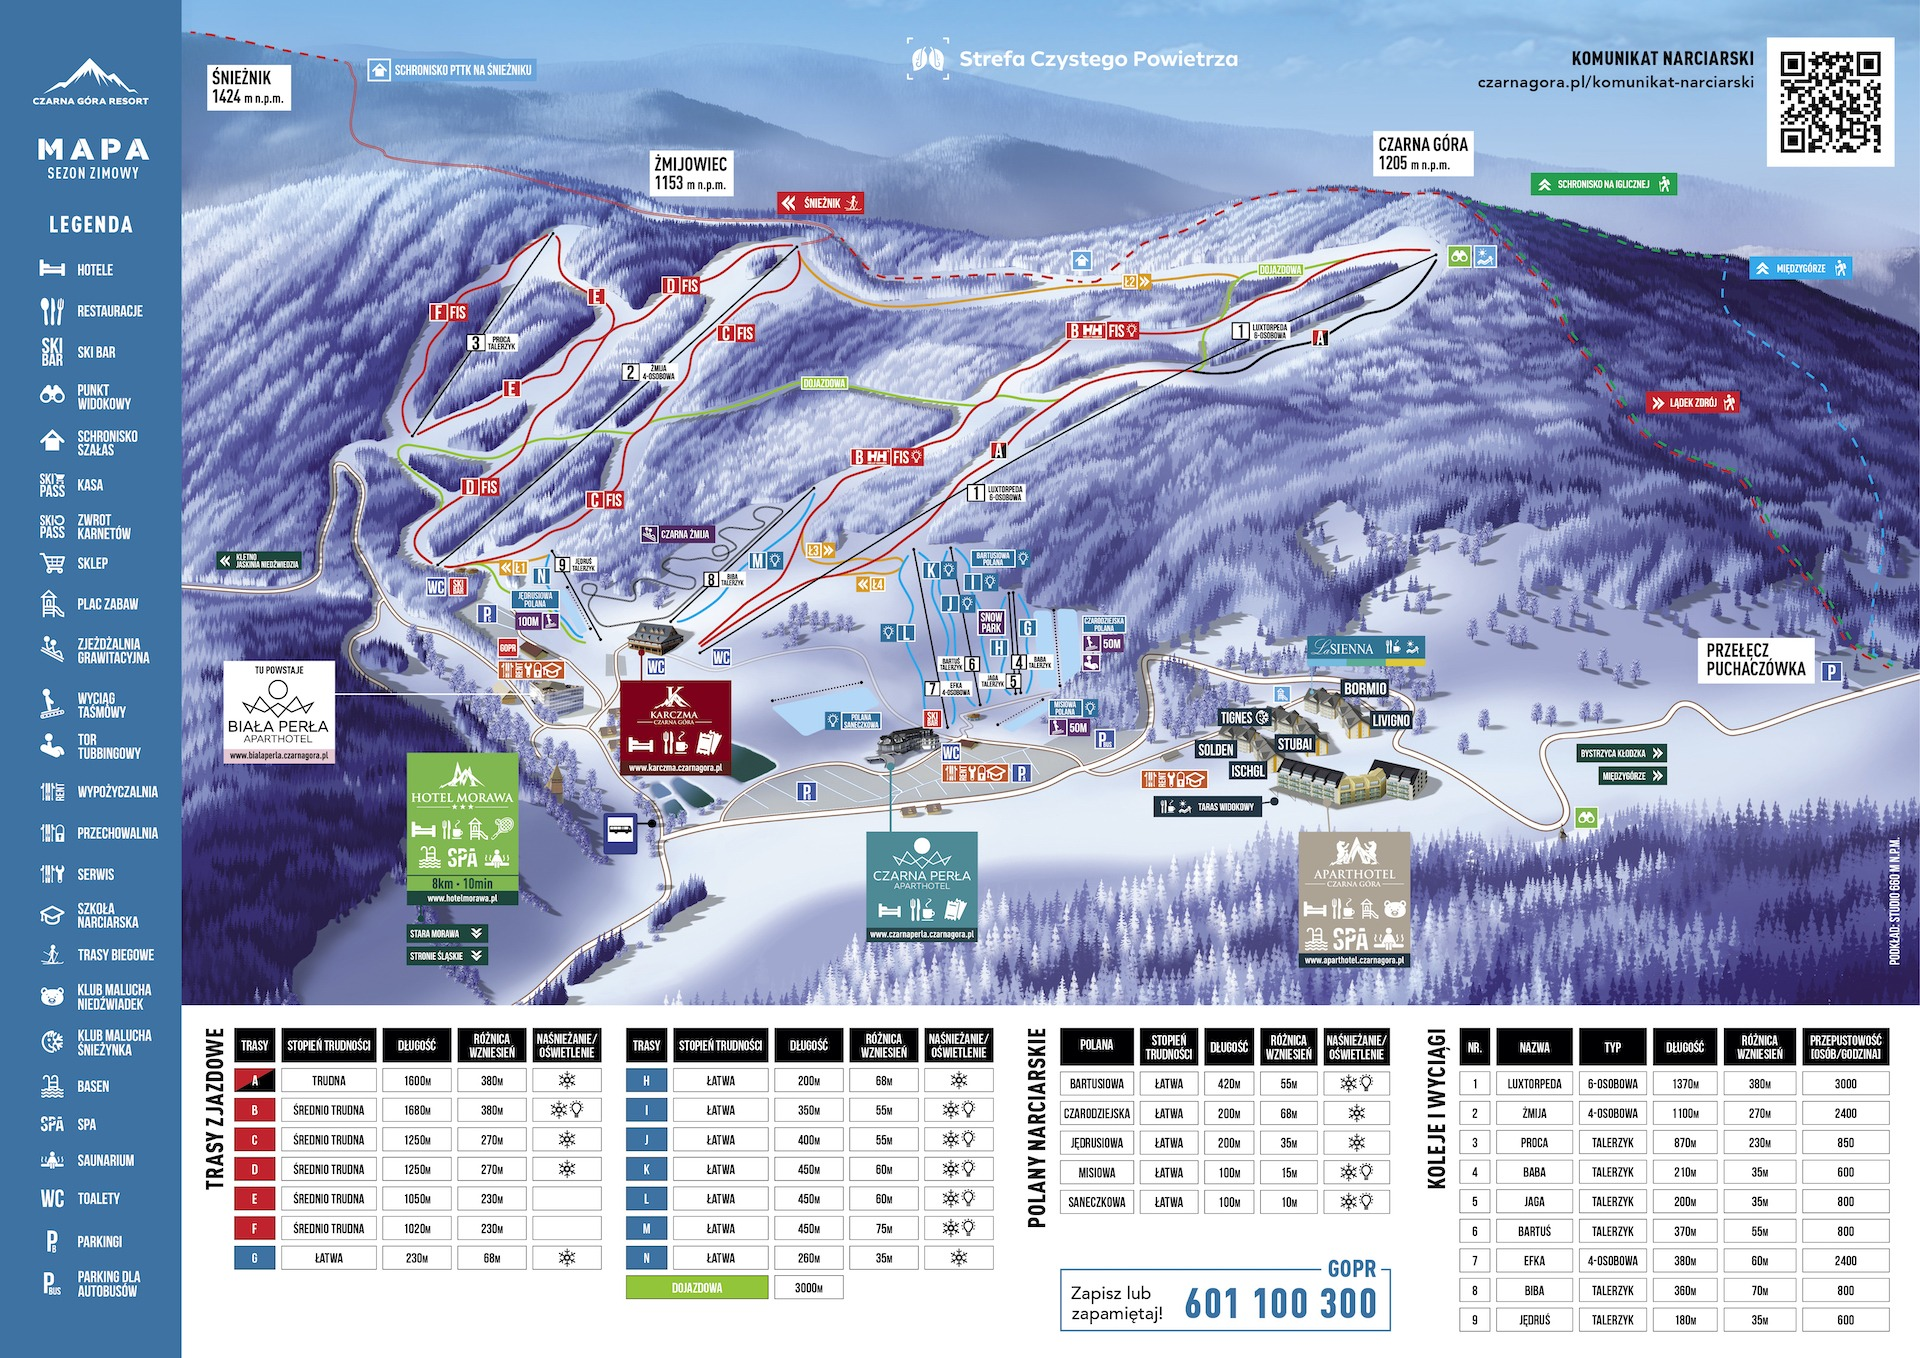 Mapa zimowa Ośrodek Narciarski Czarna Góra Resort